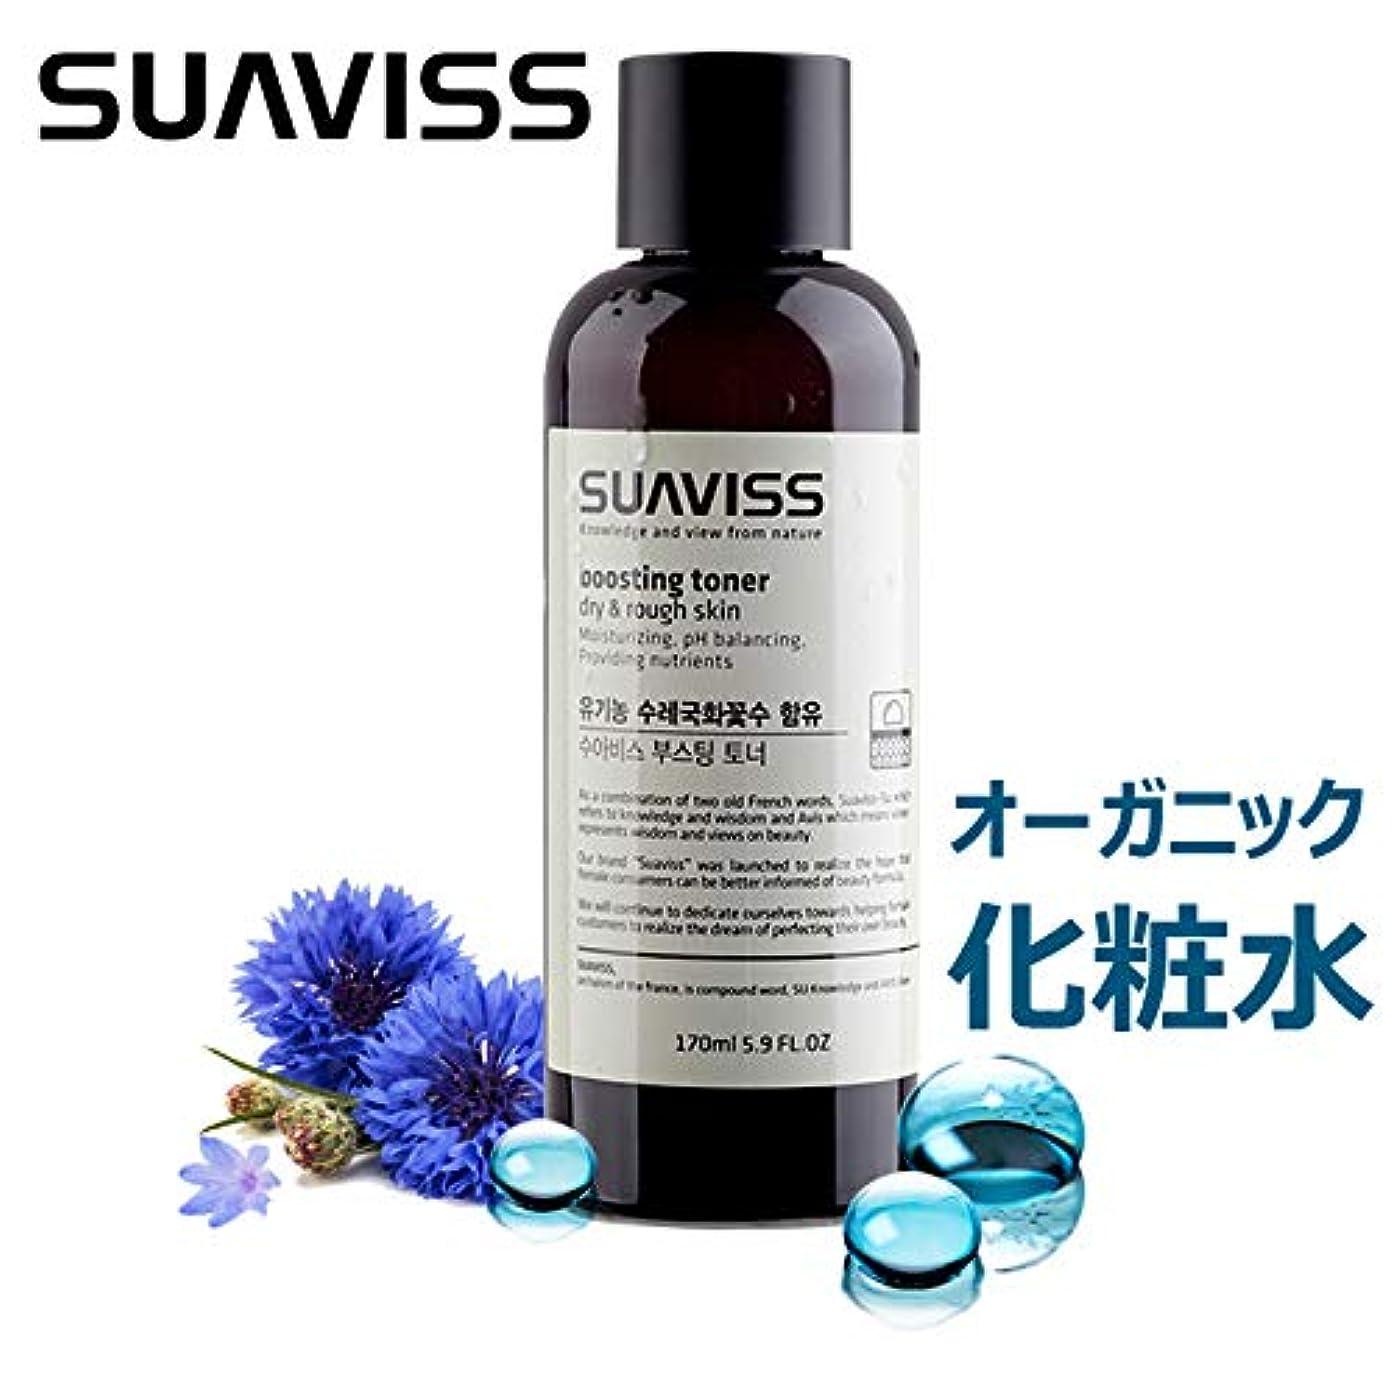 確執小道具メンタリティスアビス/ブースティング/化粧水 水分 供給 栄養 供給 オーガニック 化粧品 韓国コスメ 乾燥肌用